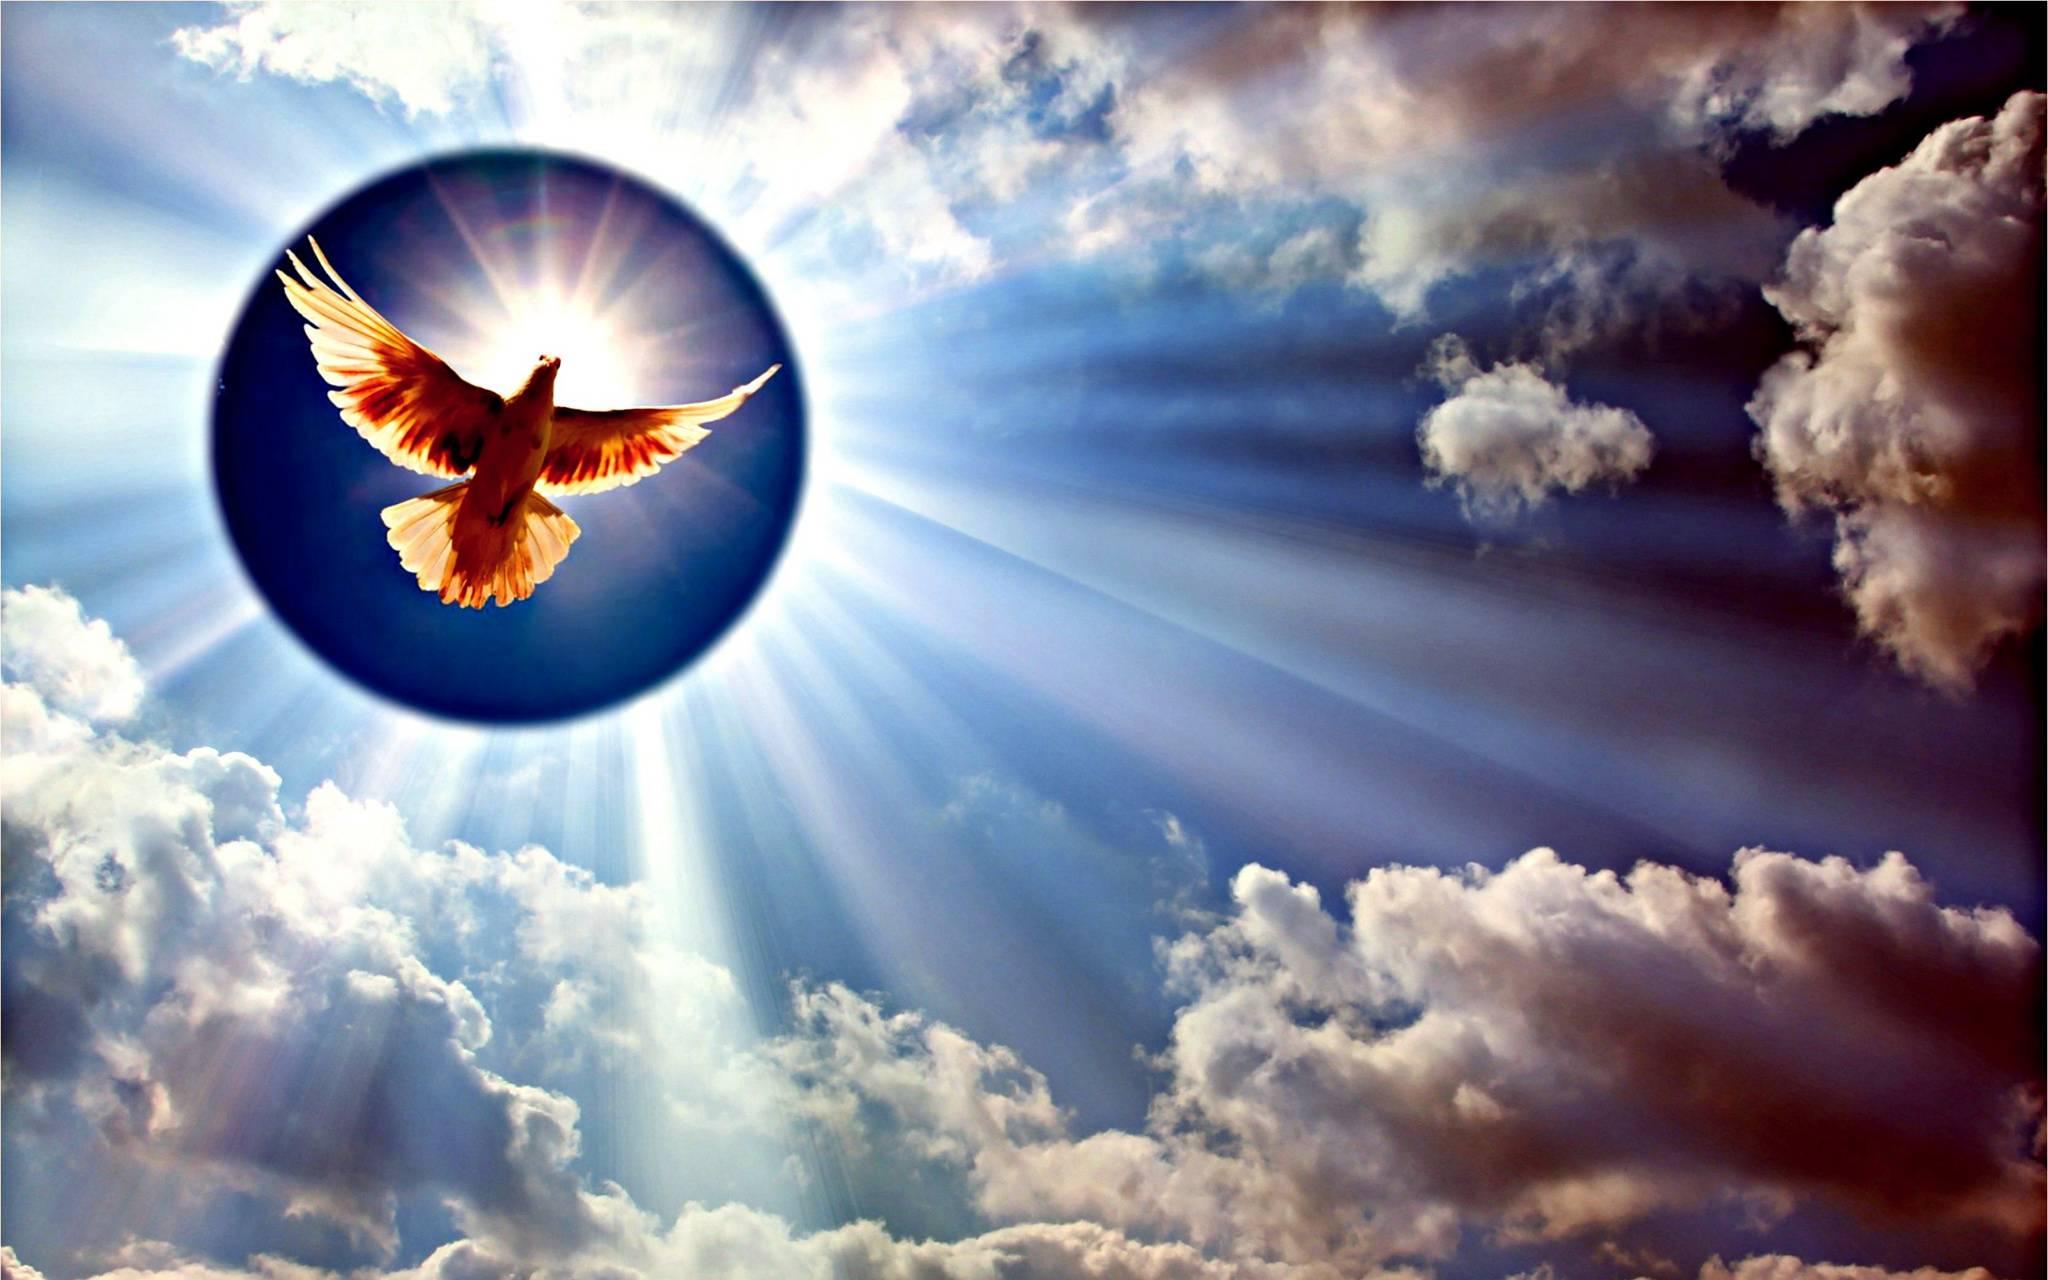 голубь в лучах солнца картинка последней фотке возникают